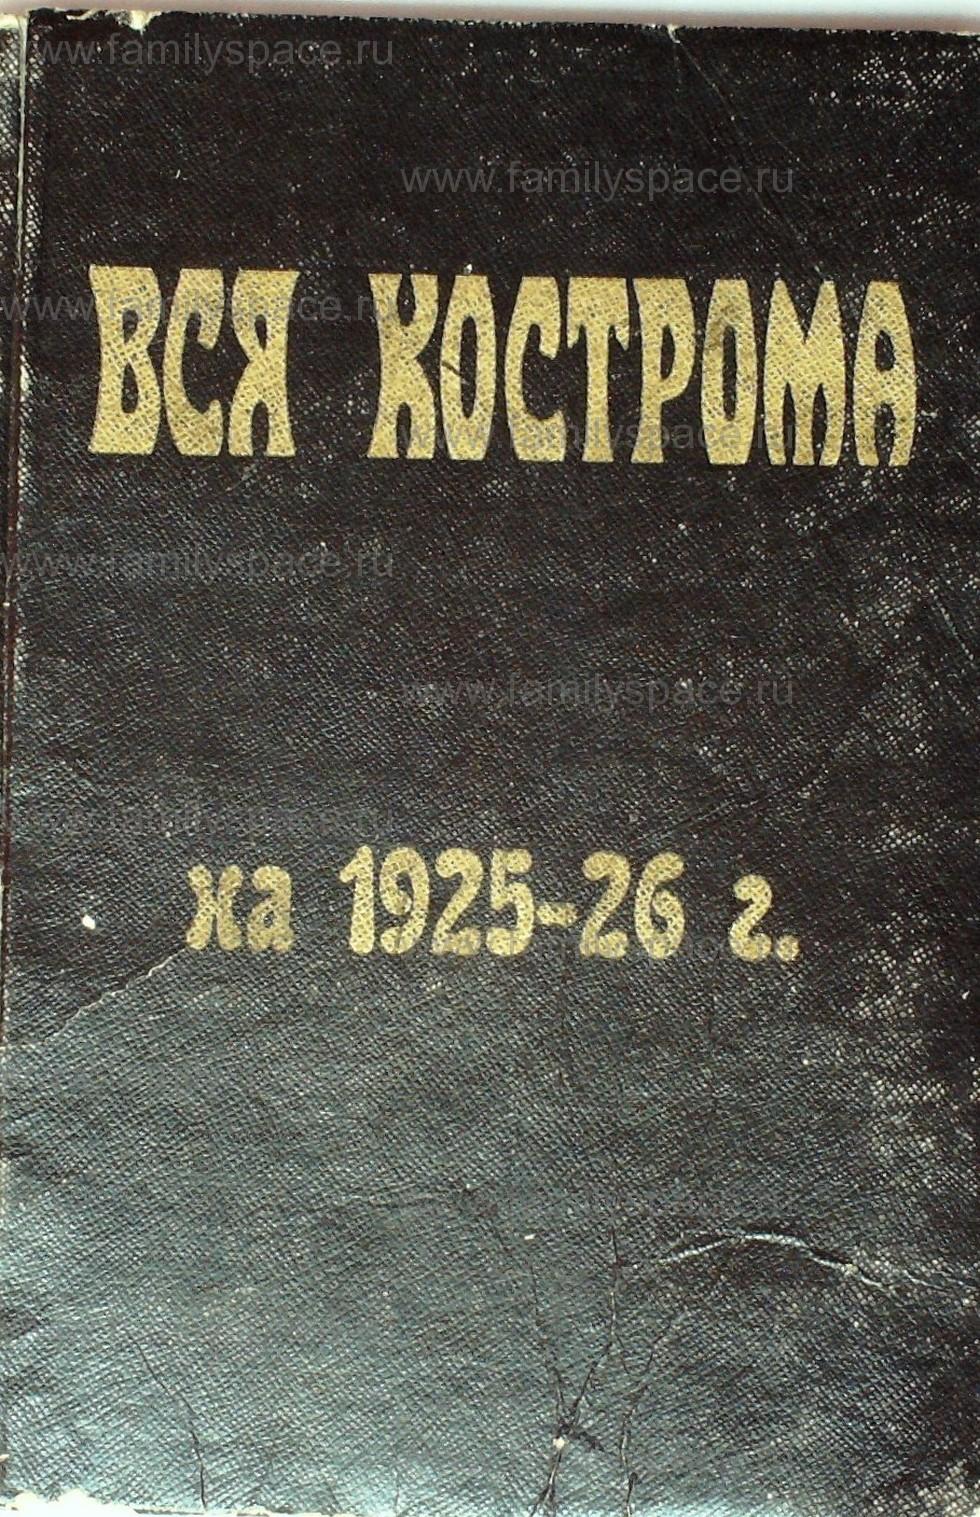 Поиск по фамилии - Справочник Вся Кострома 1925-1926 гг, страница 1